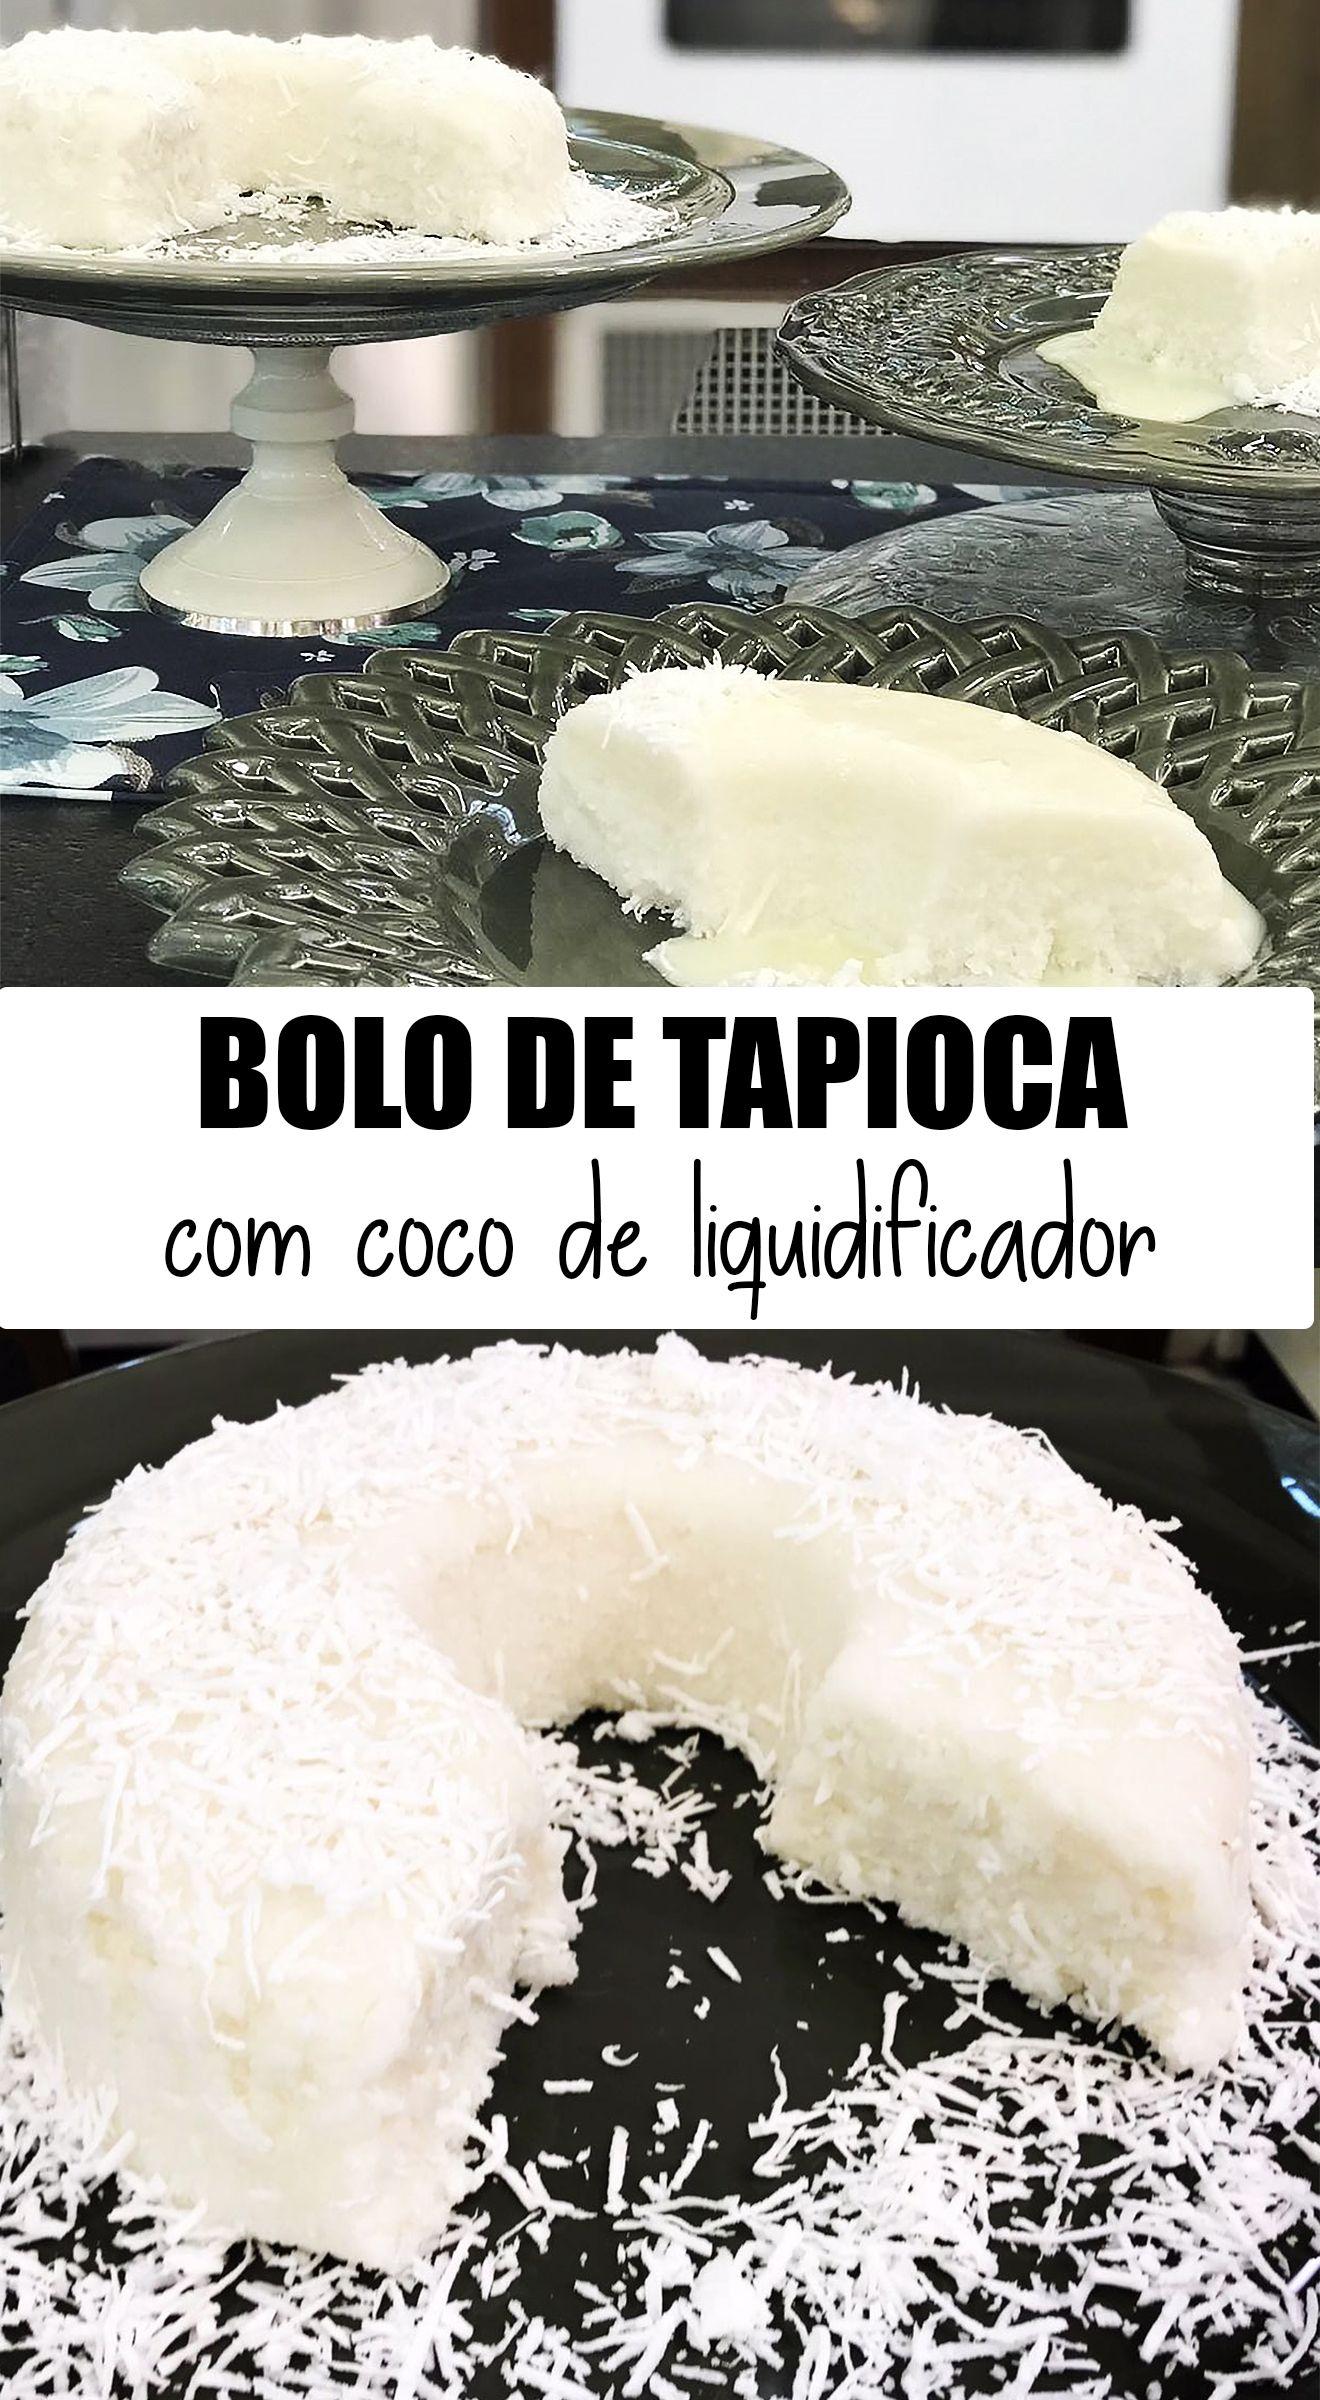 Bolo De Tapioca Com Coco De Liquidificador Da Dona Sonia Com